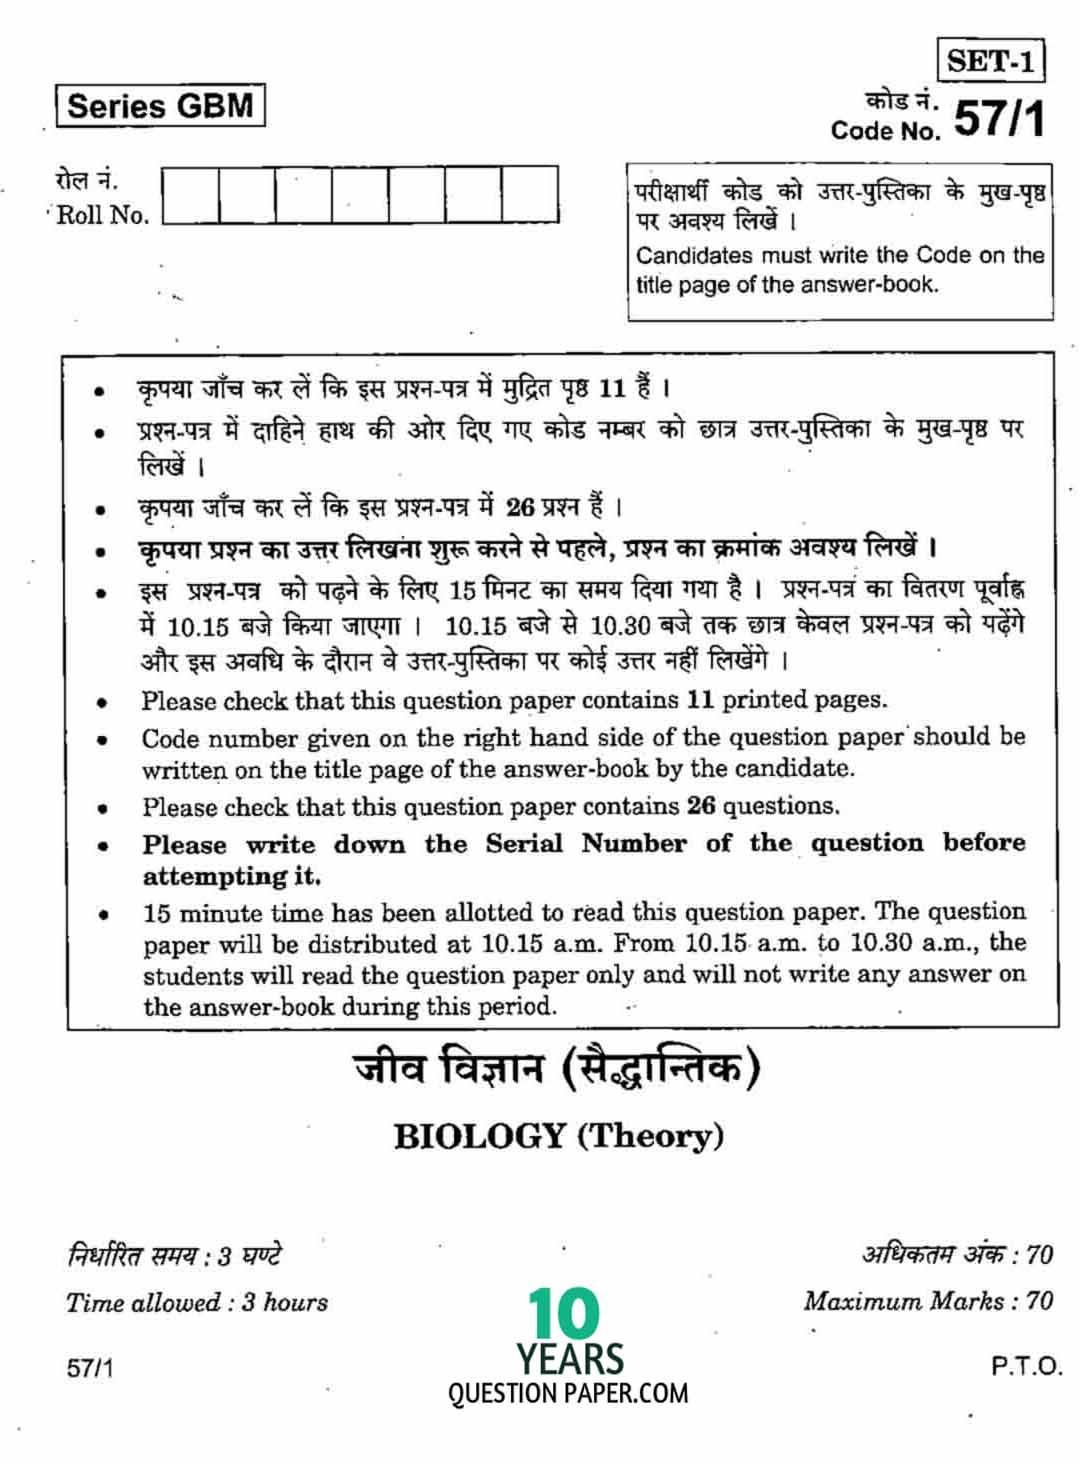 CBSE Class 12 Biology 2017 Question Paper